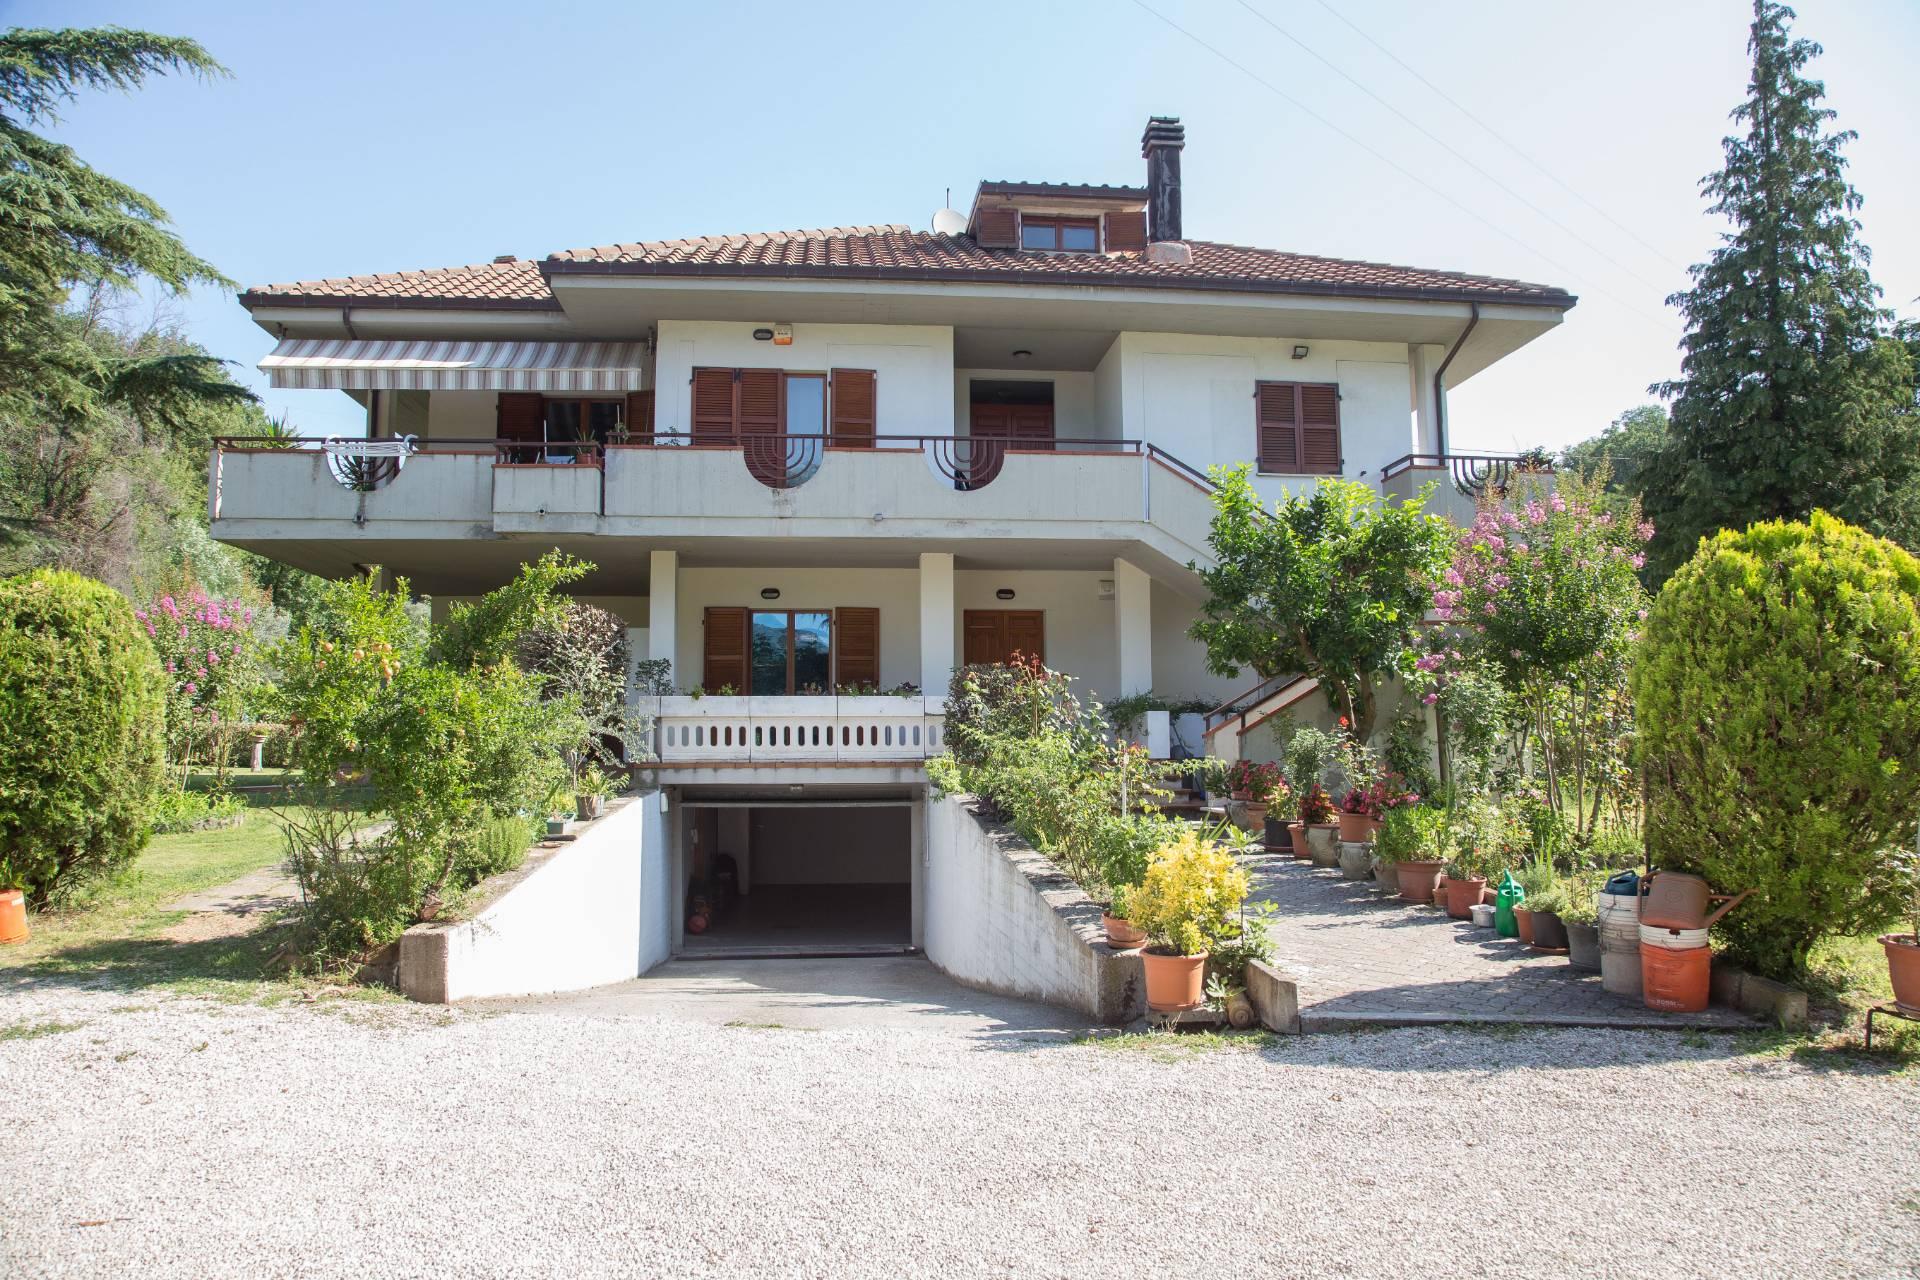 VILLA in Vendita a Ascoli Piceno (ASCOLI PICENO)